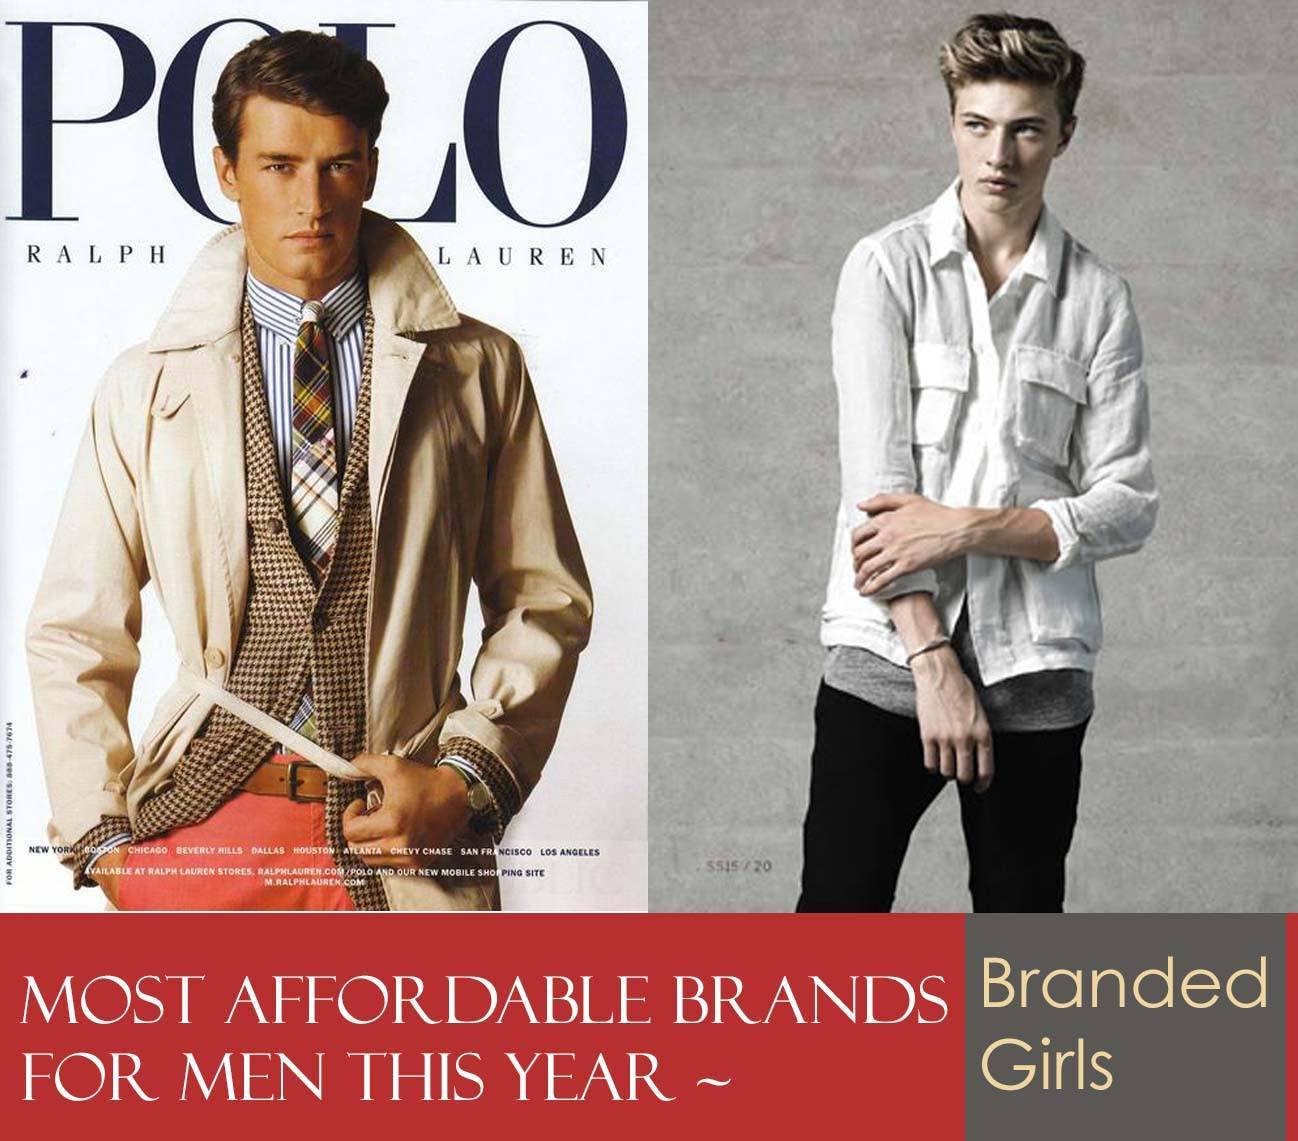 polyvore-sample-15 10 Most Affordable Designer Brands for Men you Didn't Know